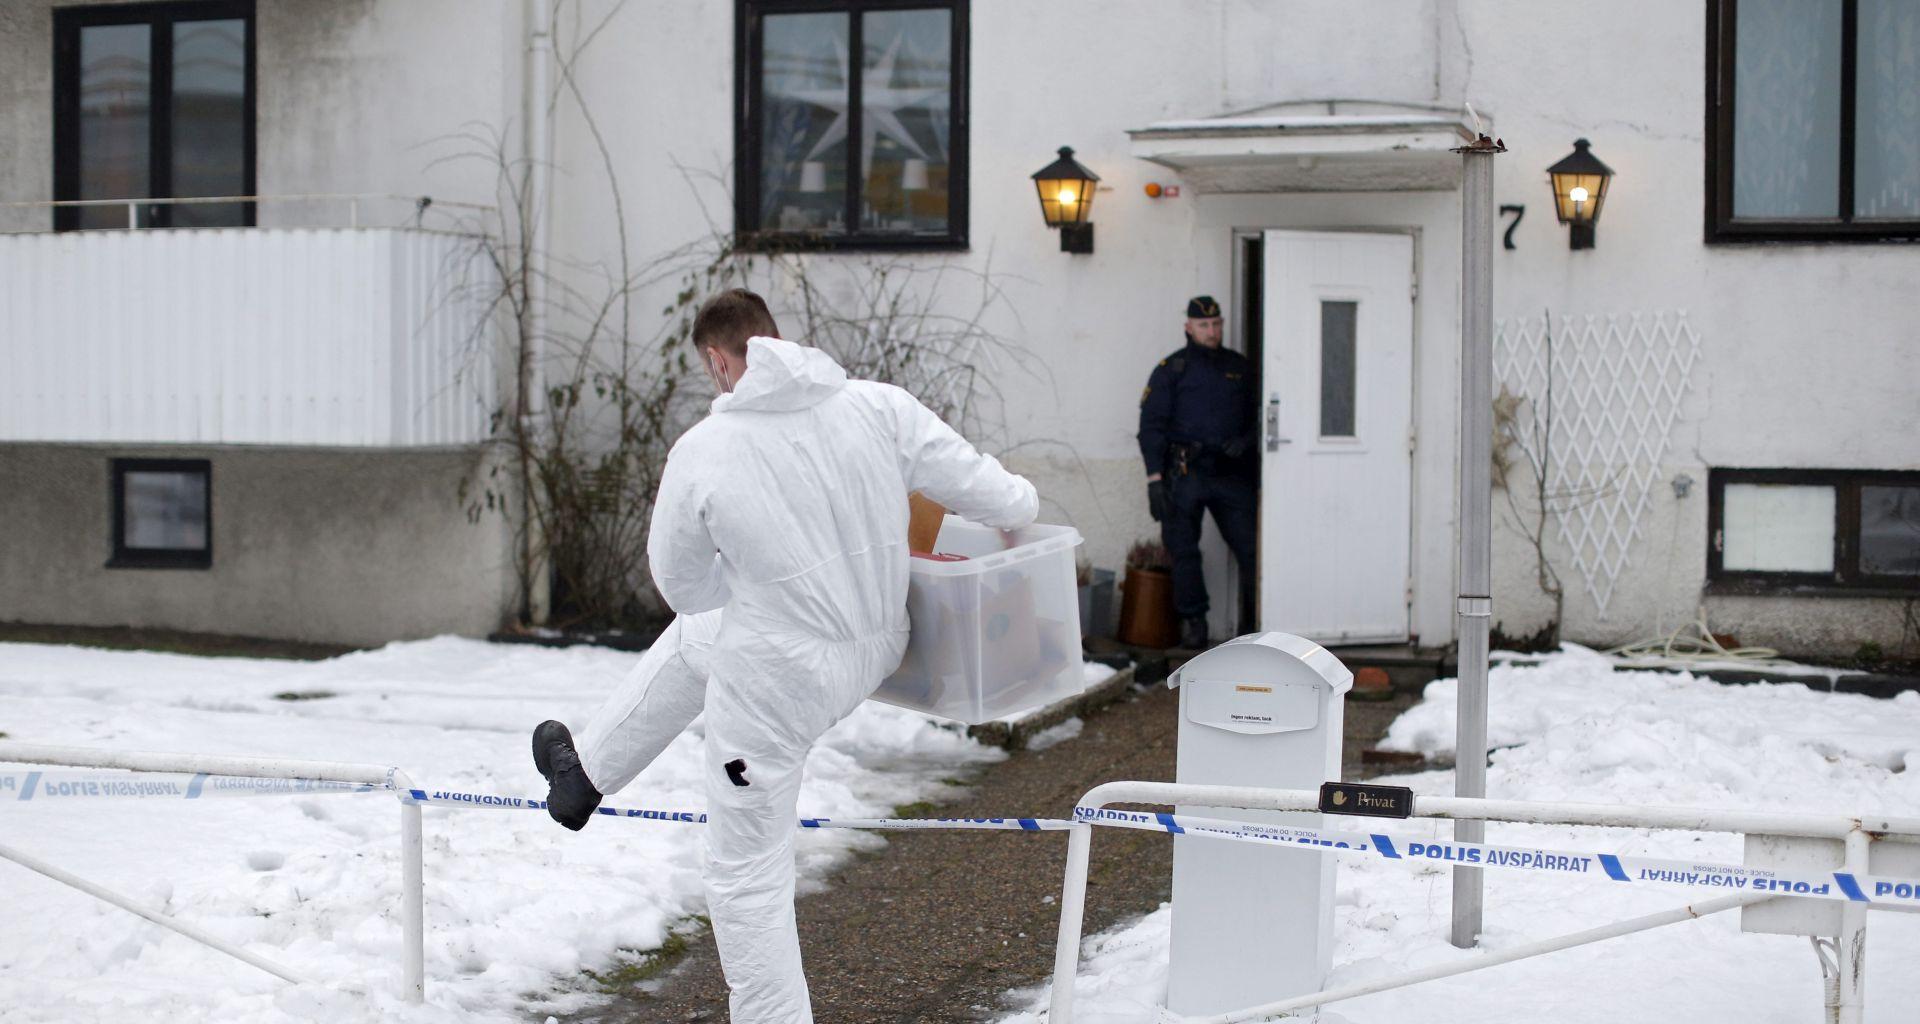 UHIĆEN MALOLJETNI MIGRANT: Osumnjičen za ubojstvo zaposlenice prihvatnog centra